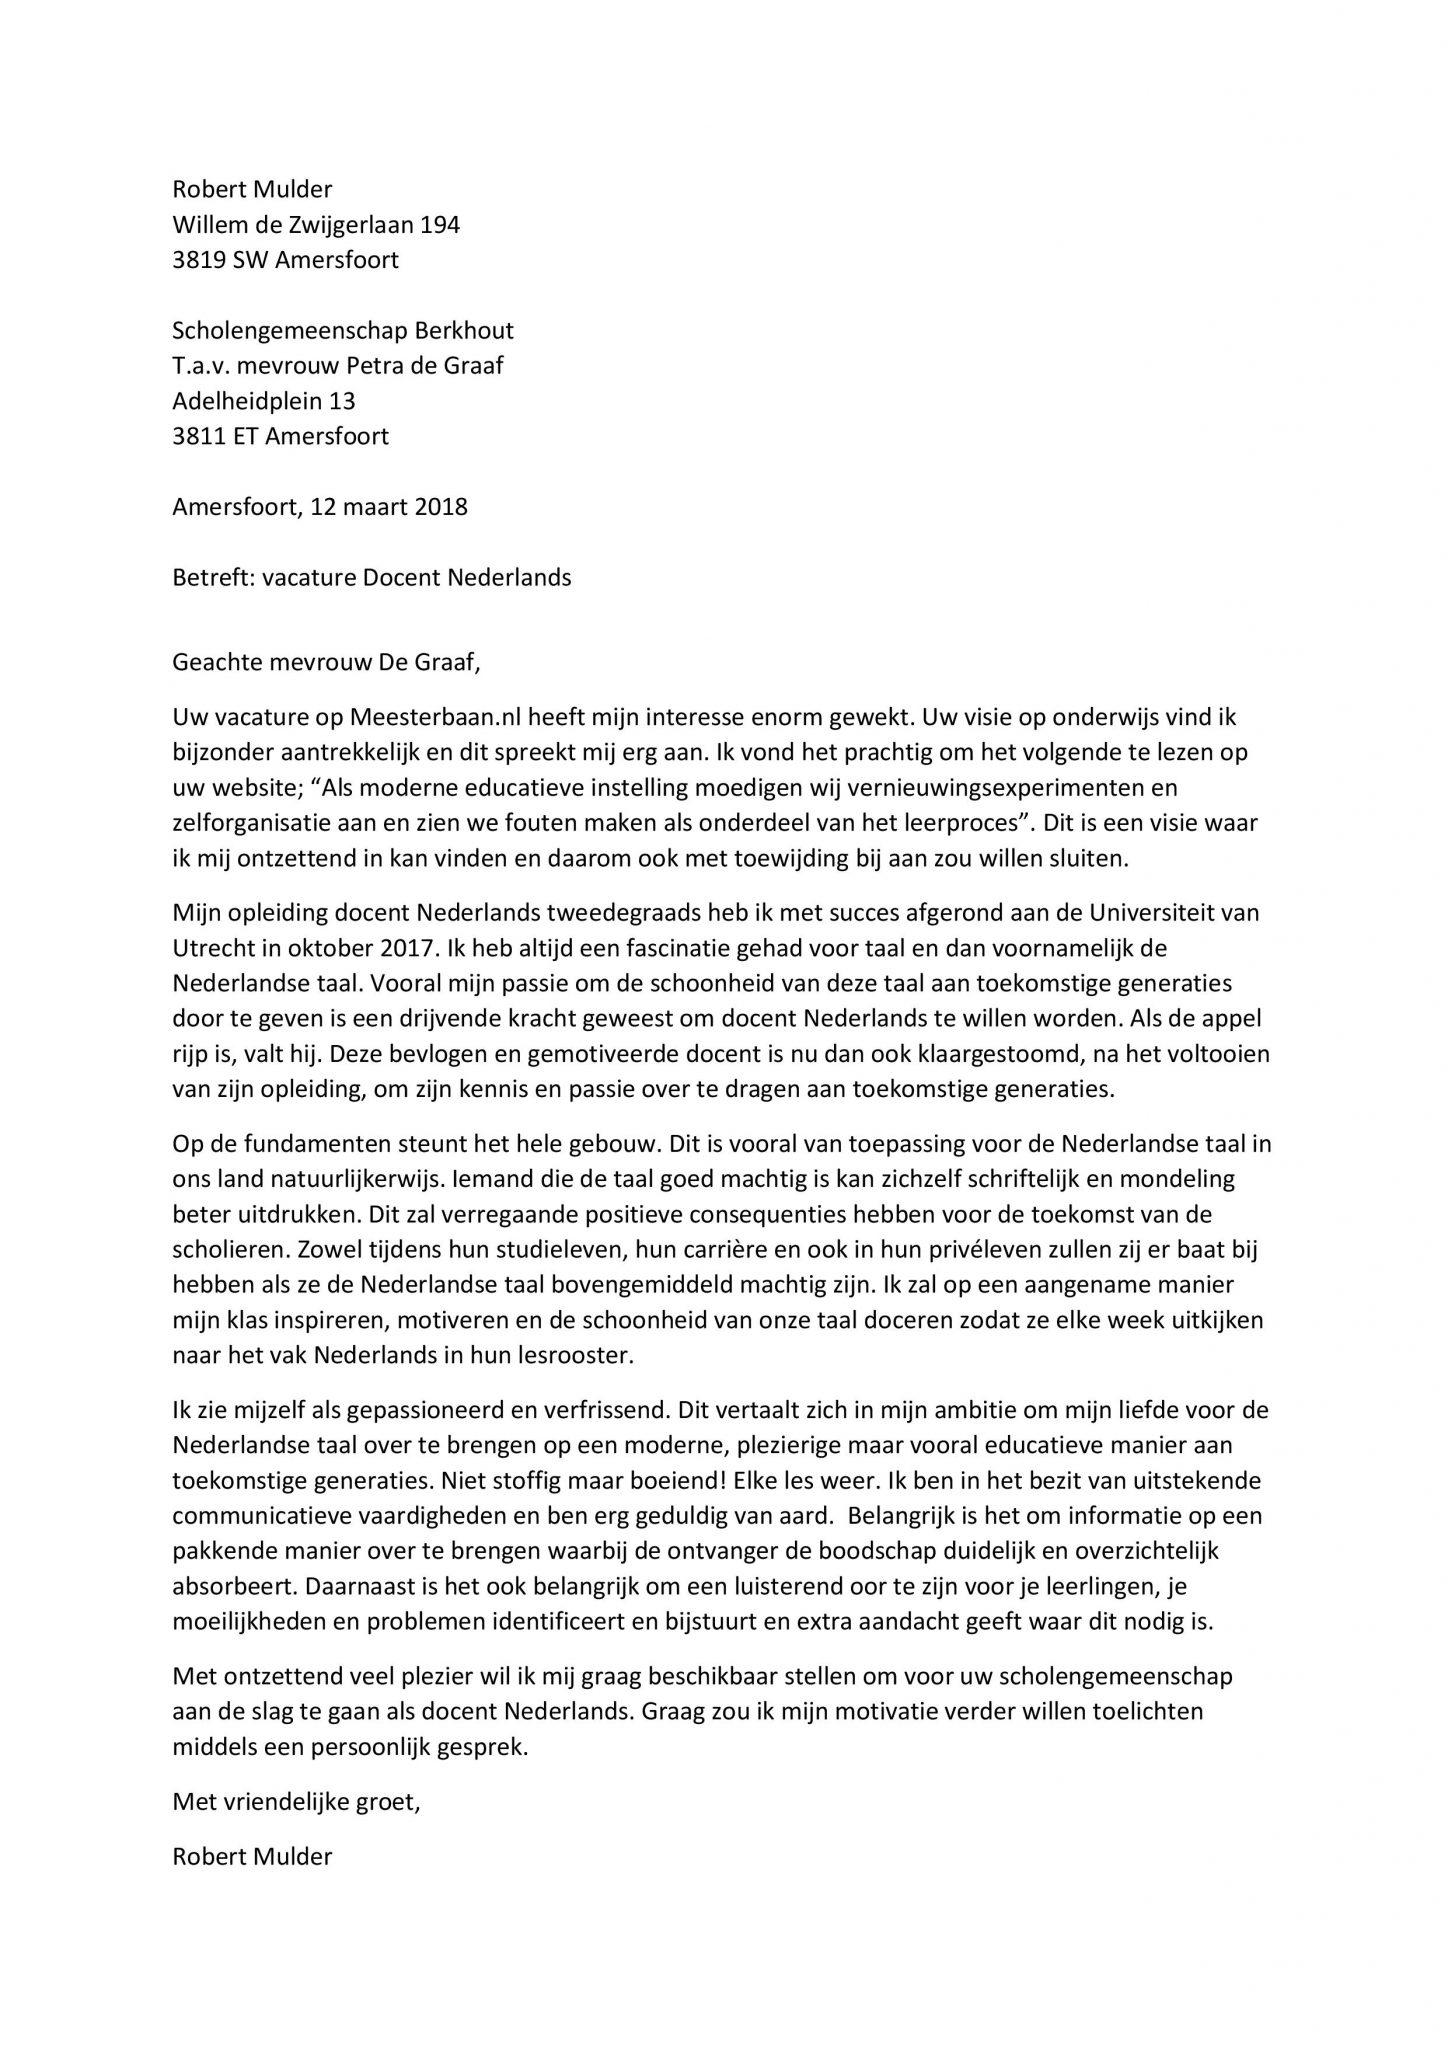 voorbeeld sollicitatiebrief docent Sollicitatiebrief Docent Nederlands   Sollicitatiebijbel.nl voorbeeld sollicitatiebrief docent